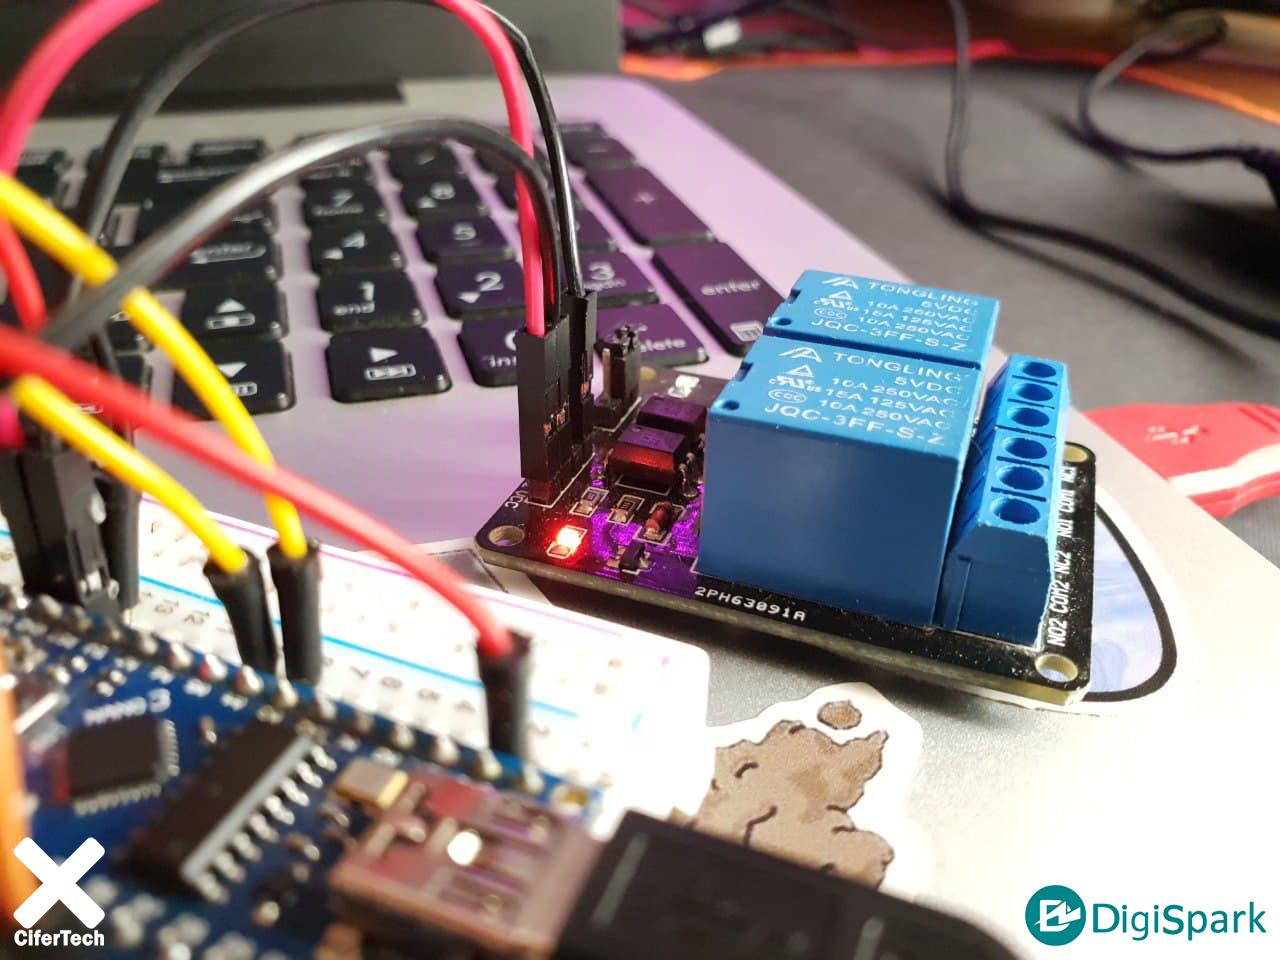 اتصالات ماژول رله دو کانال در پروژه کنترل وسایل برقی با سنسور تاچ - دیجی اسپارک